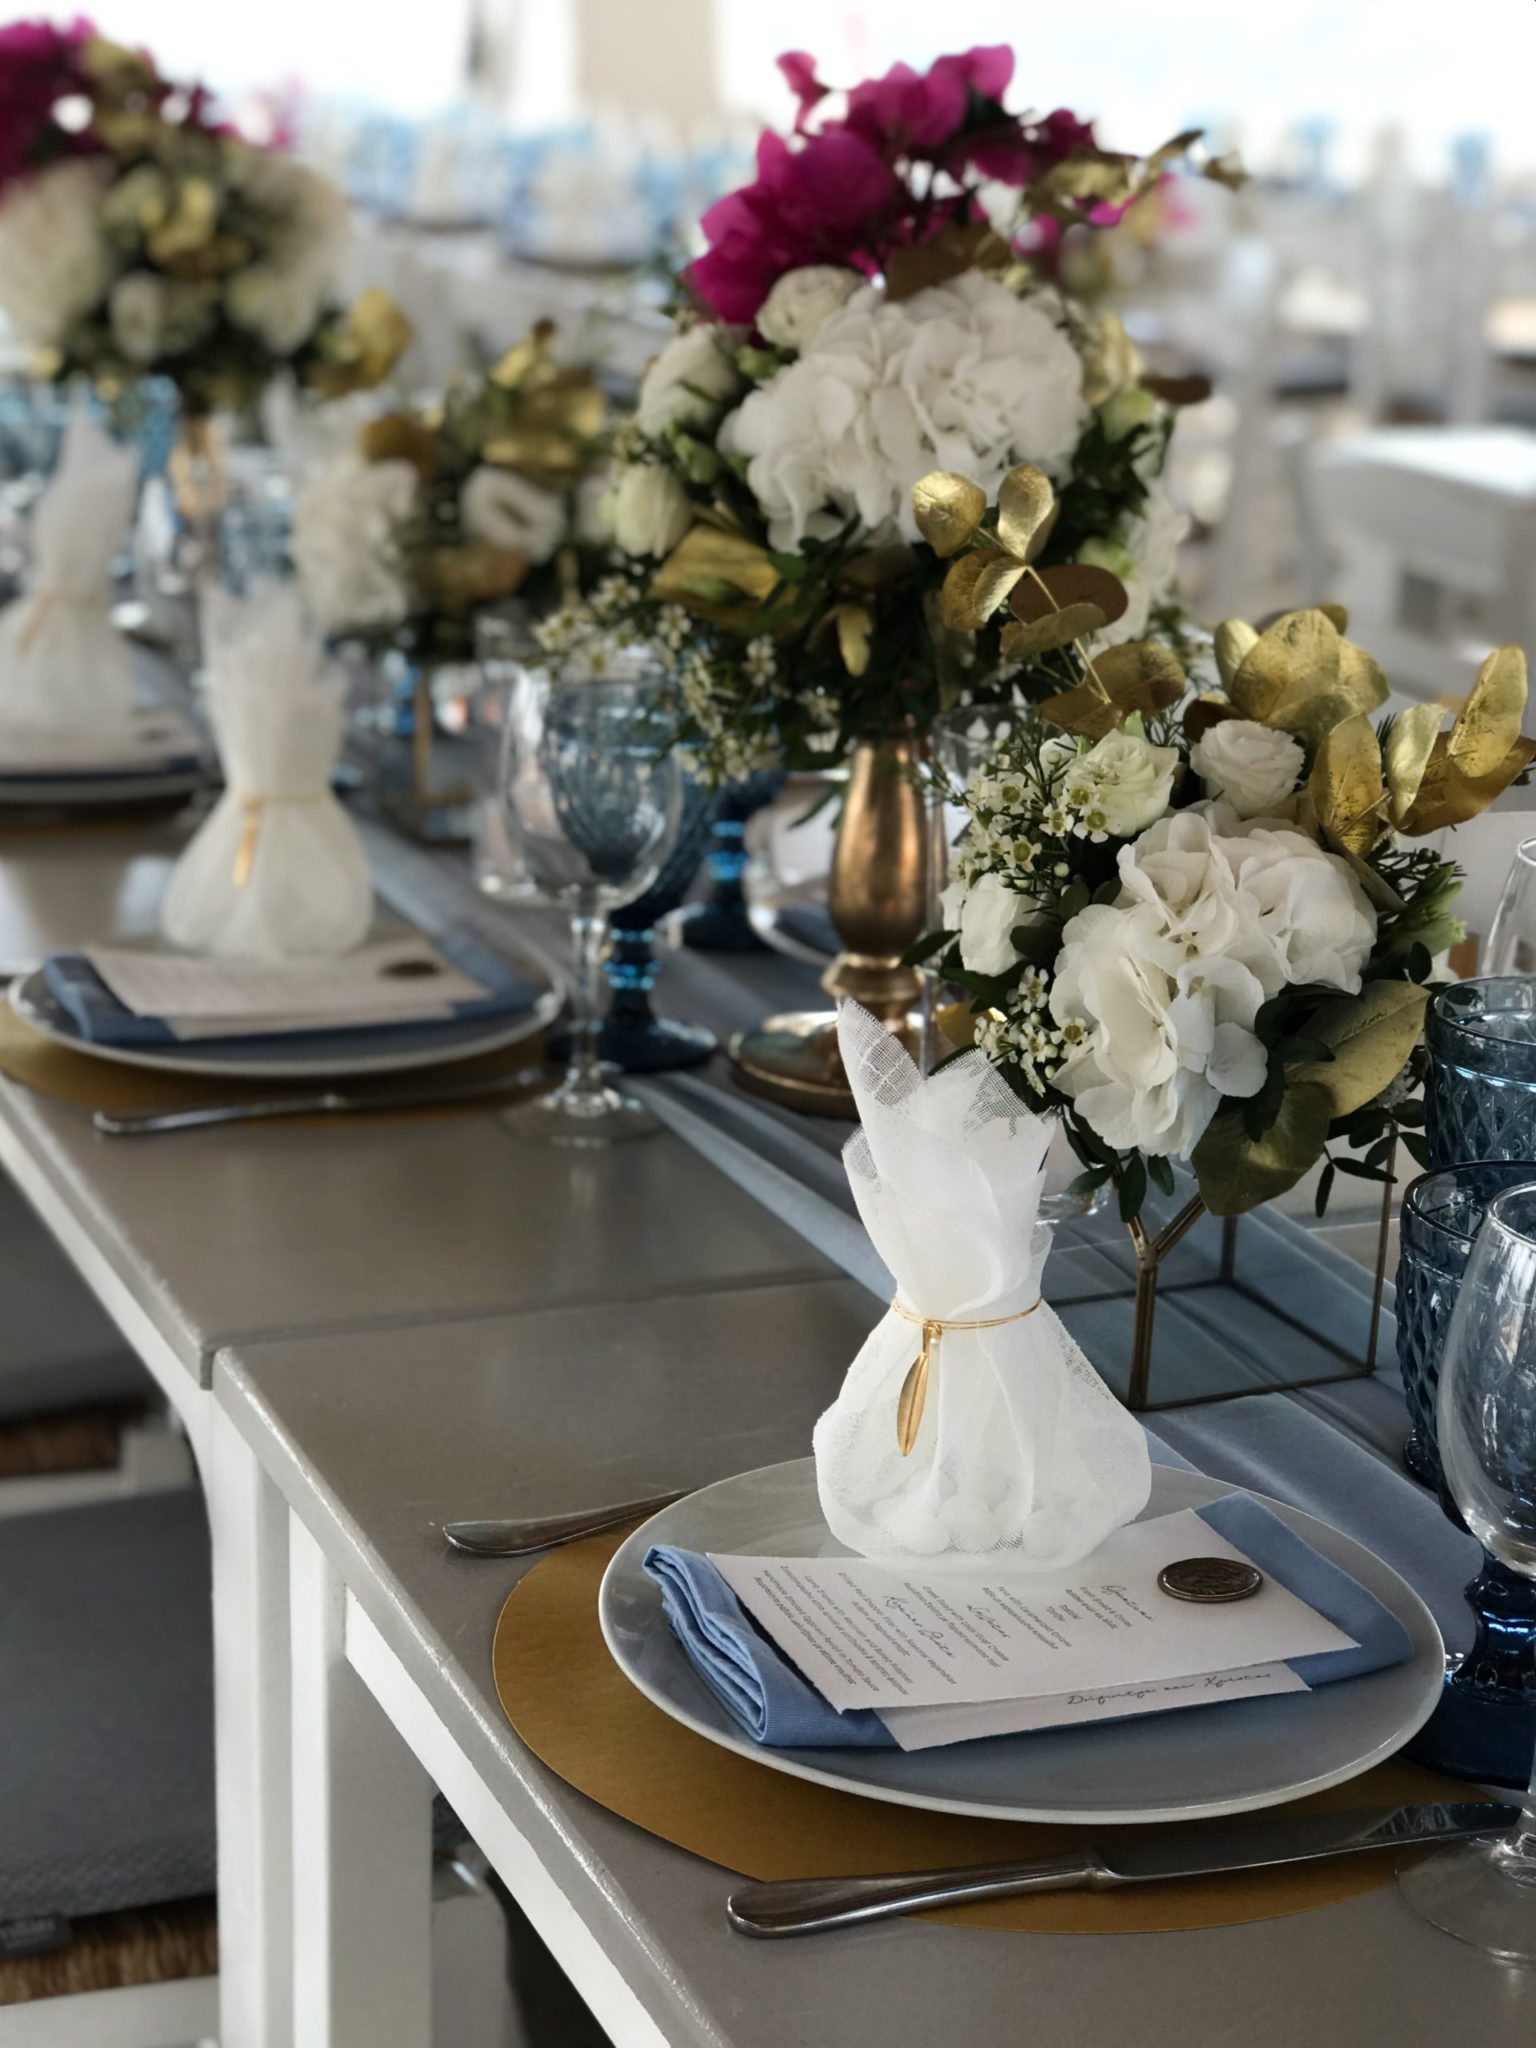 Golden Leaves-wedding favors-set up